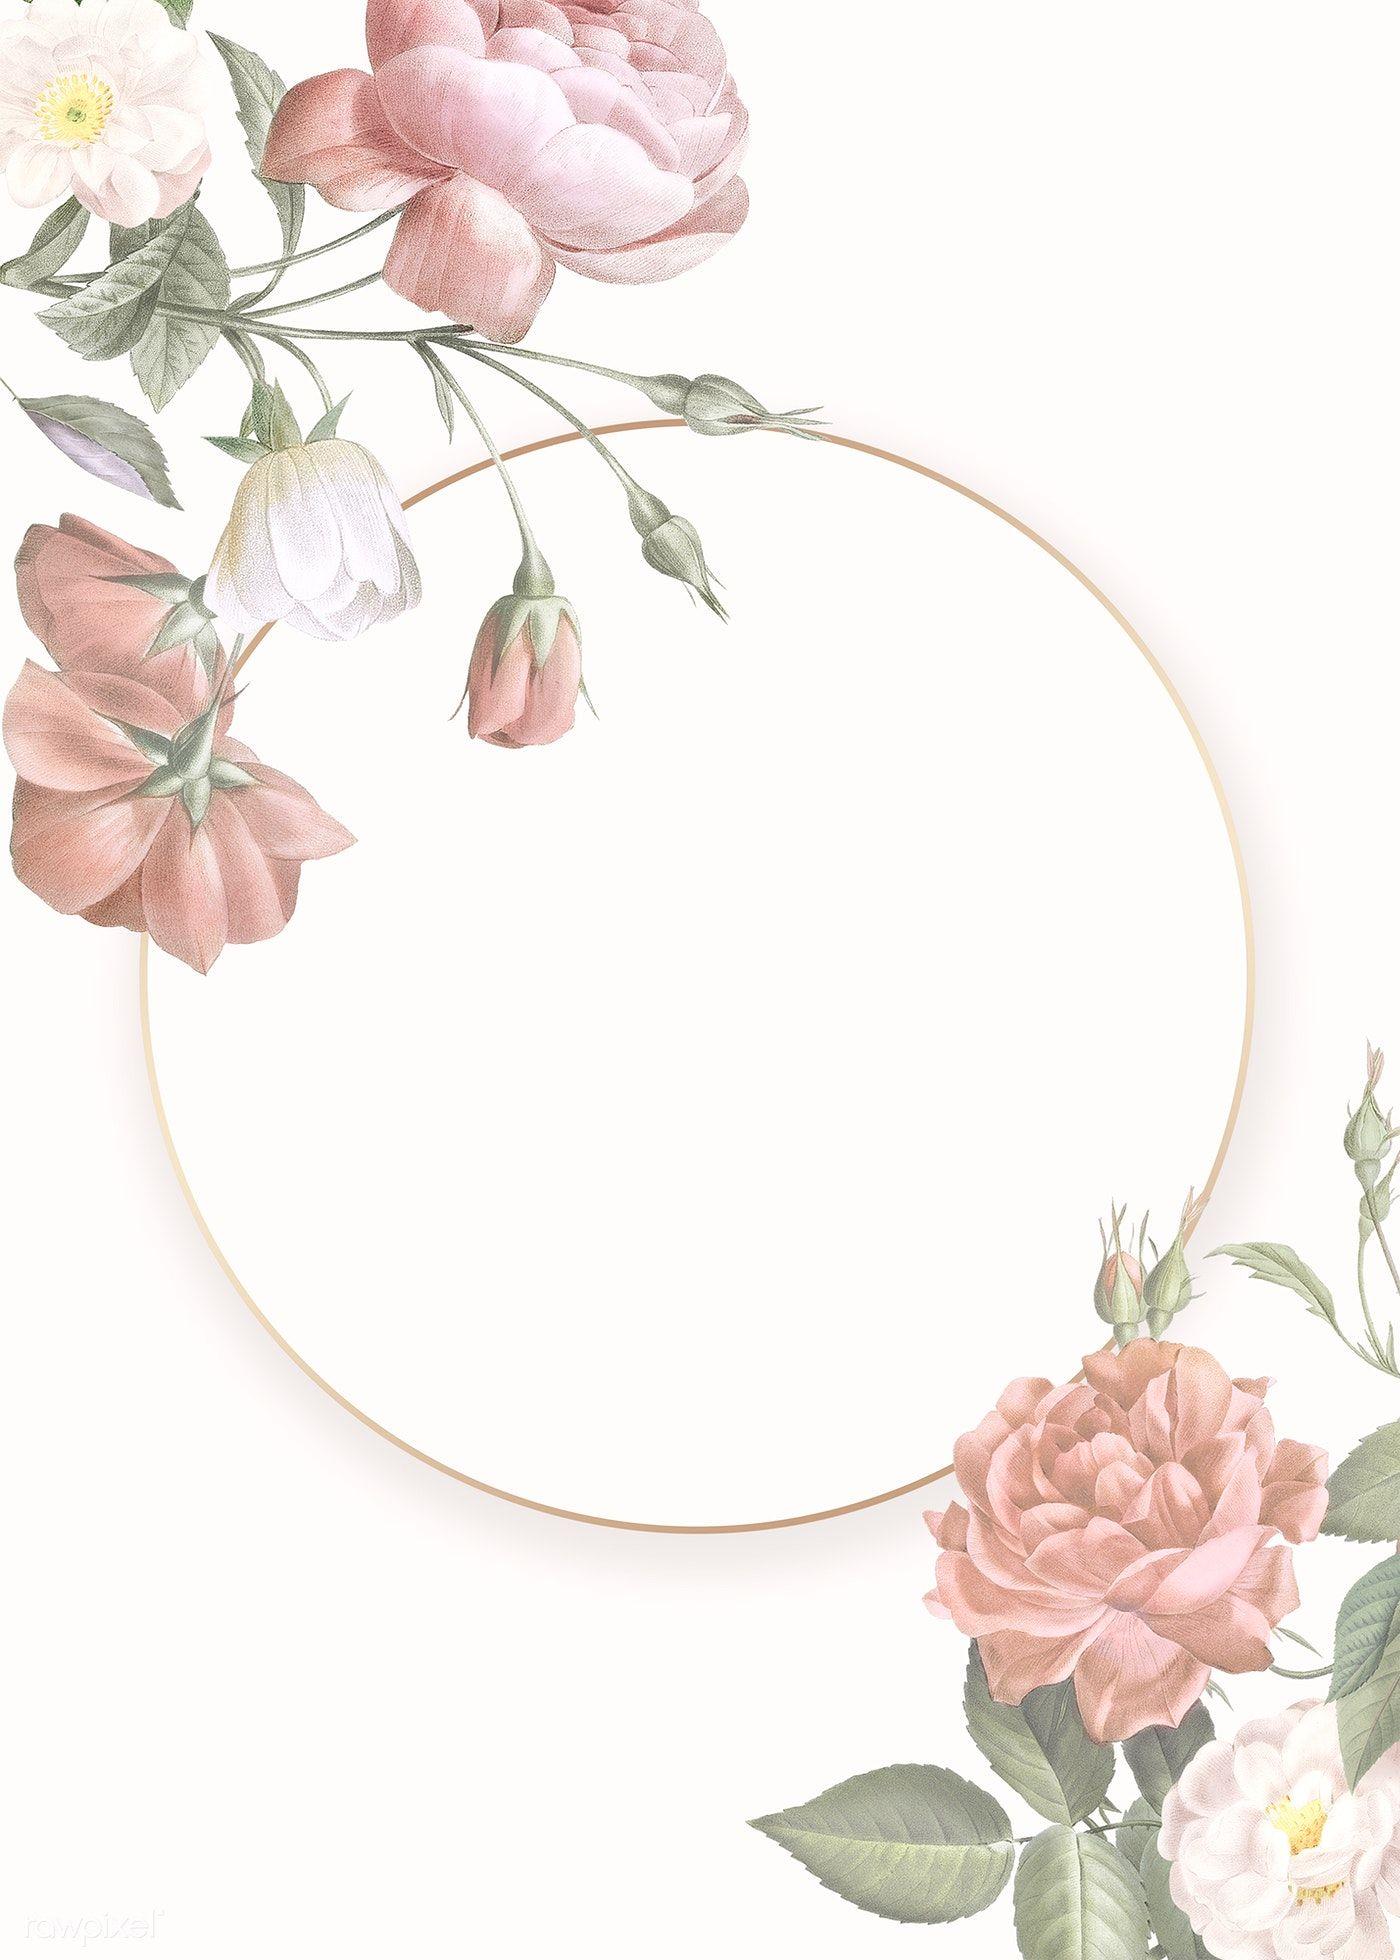 Elegant Floral Frame Design Illustration Premium Image By Rawpixel Com Floral Border Design Floral Logo Design Illustration Design